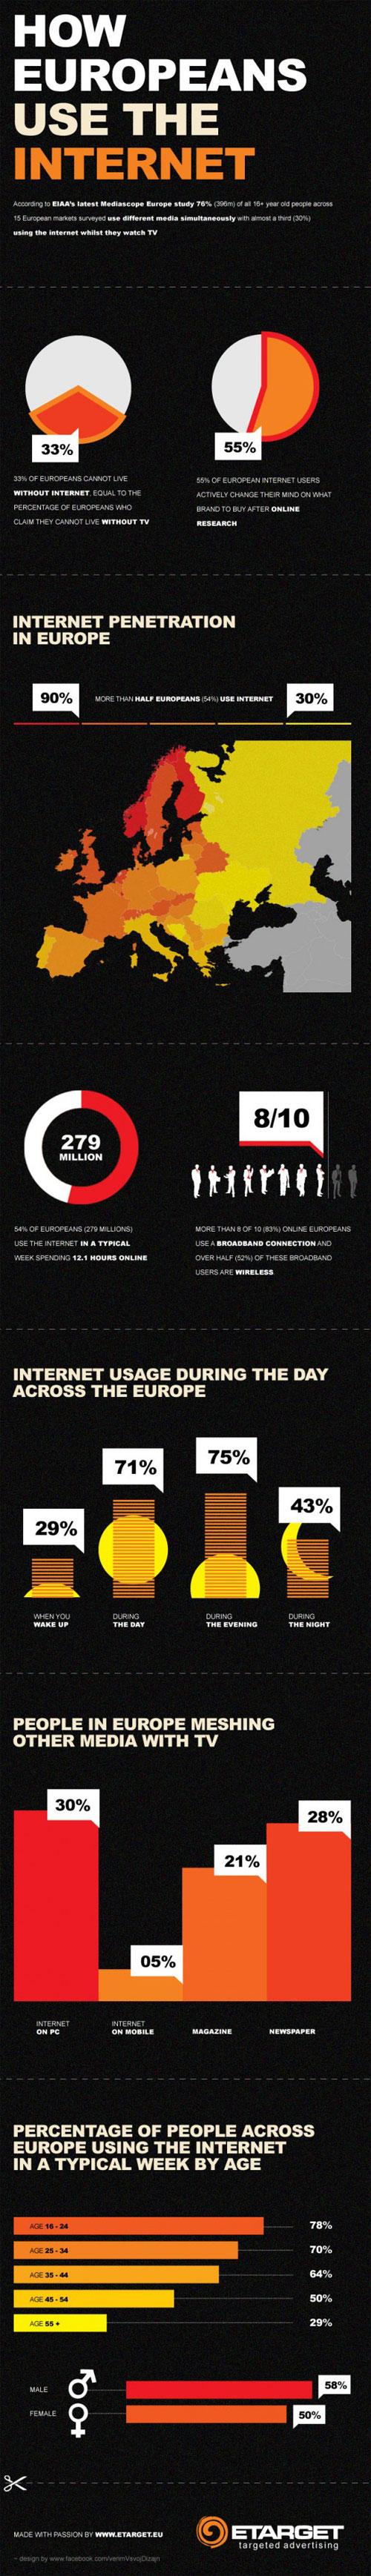 Utilisation d'internet par les européens